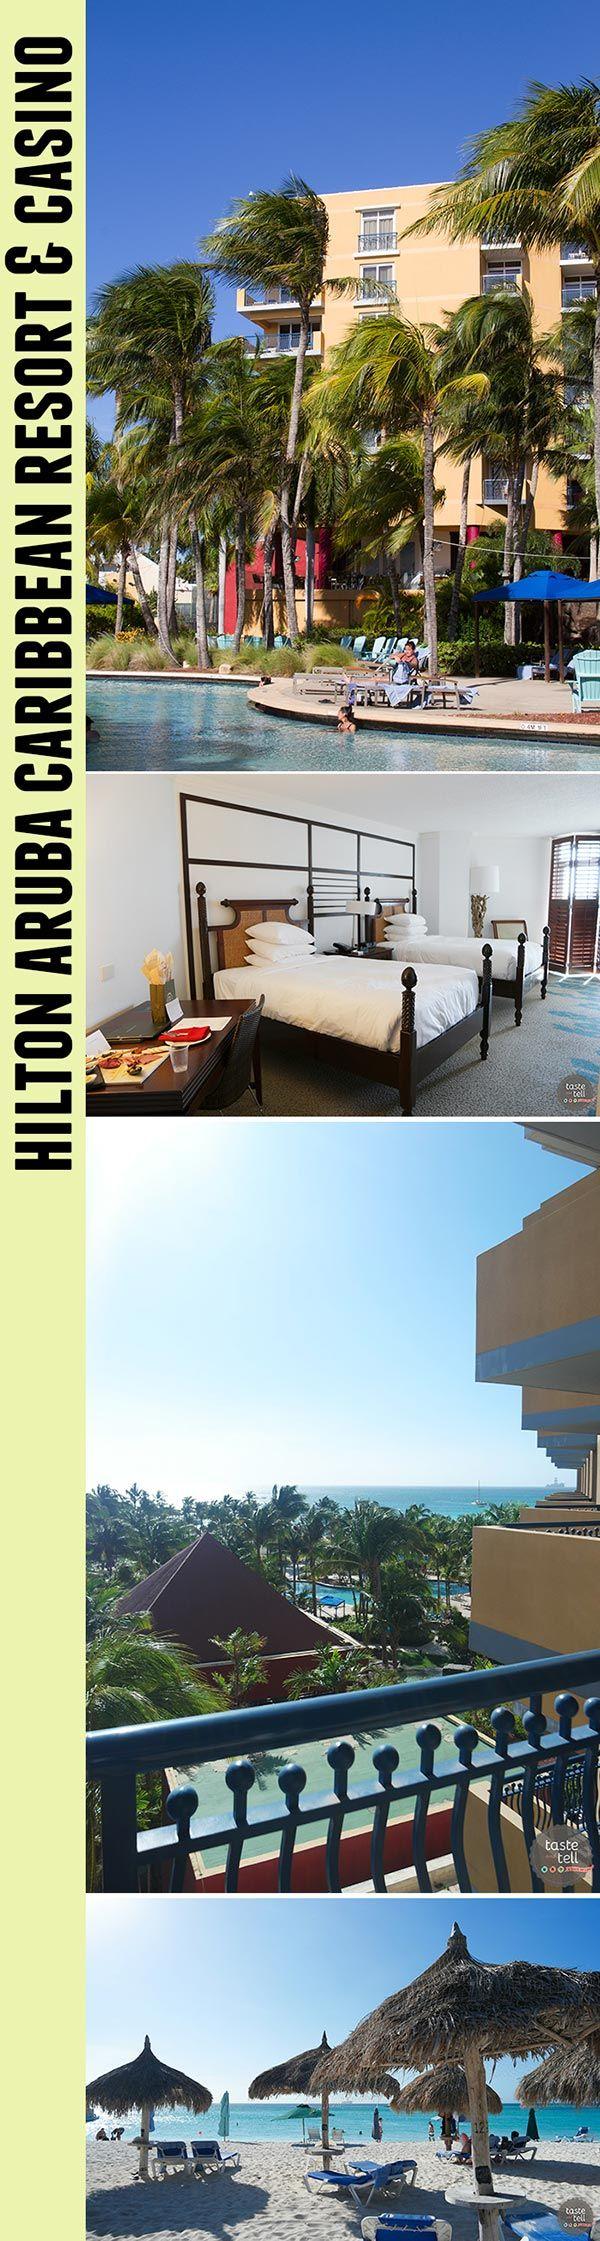 A look at the Hilton Aruba Caribbean